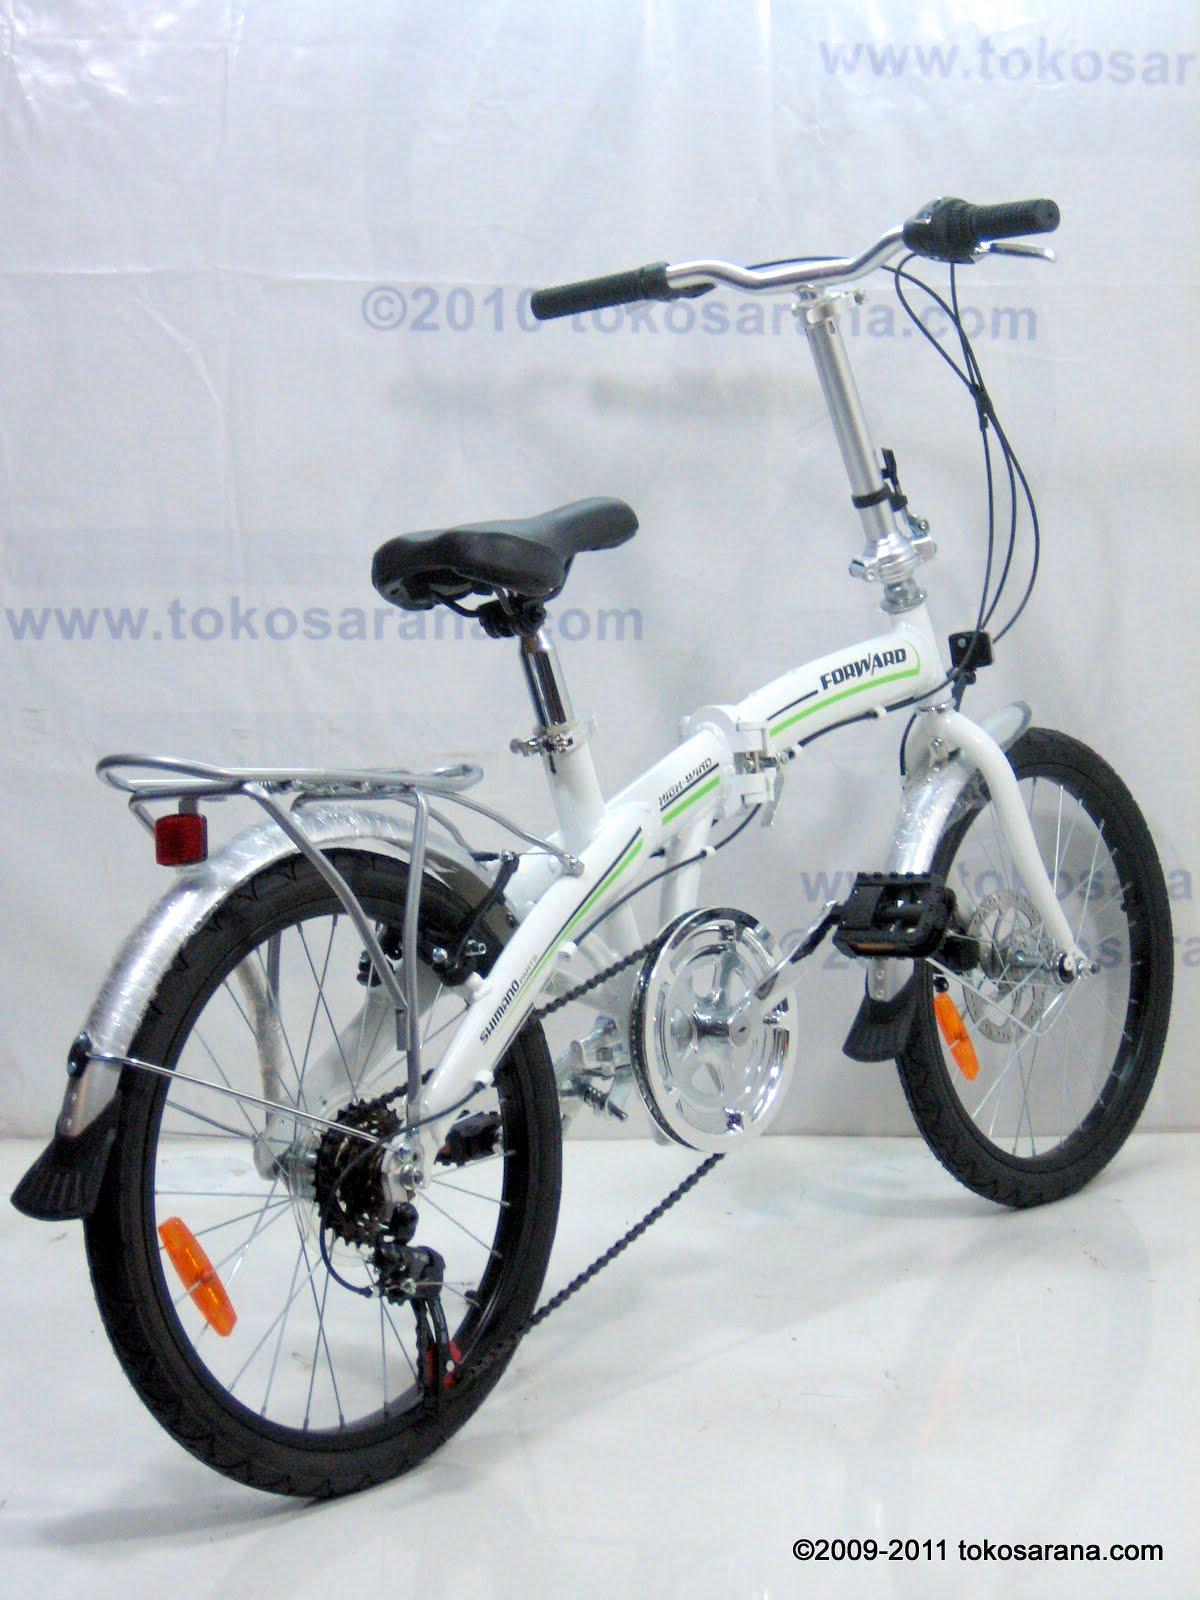 ABADI SHOPP: Sepeda Lipat FORWARD Alumunium Alloy Frame